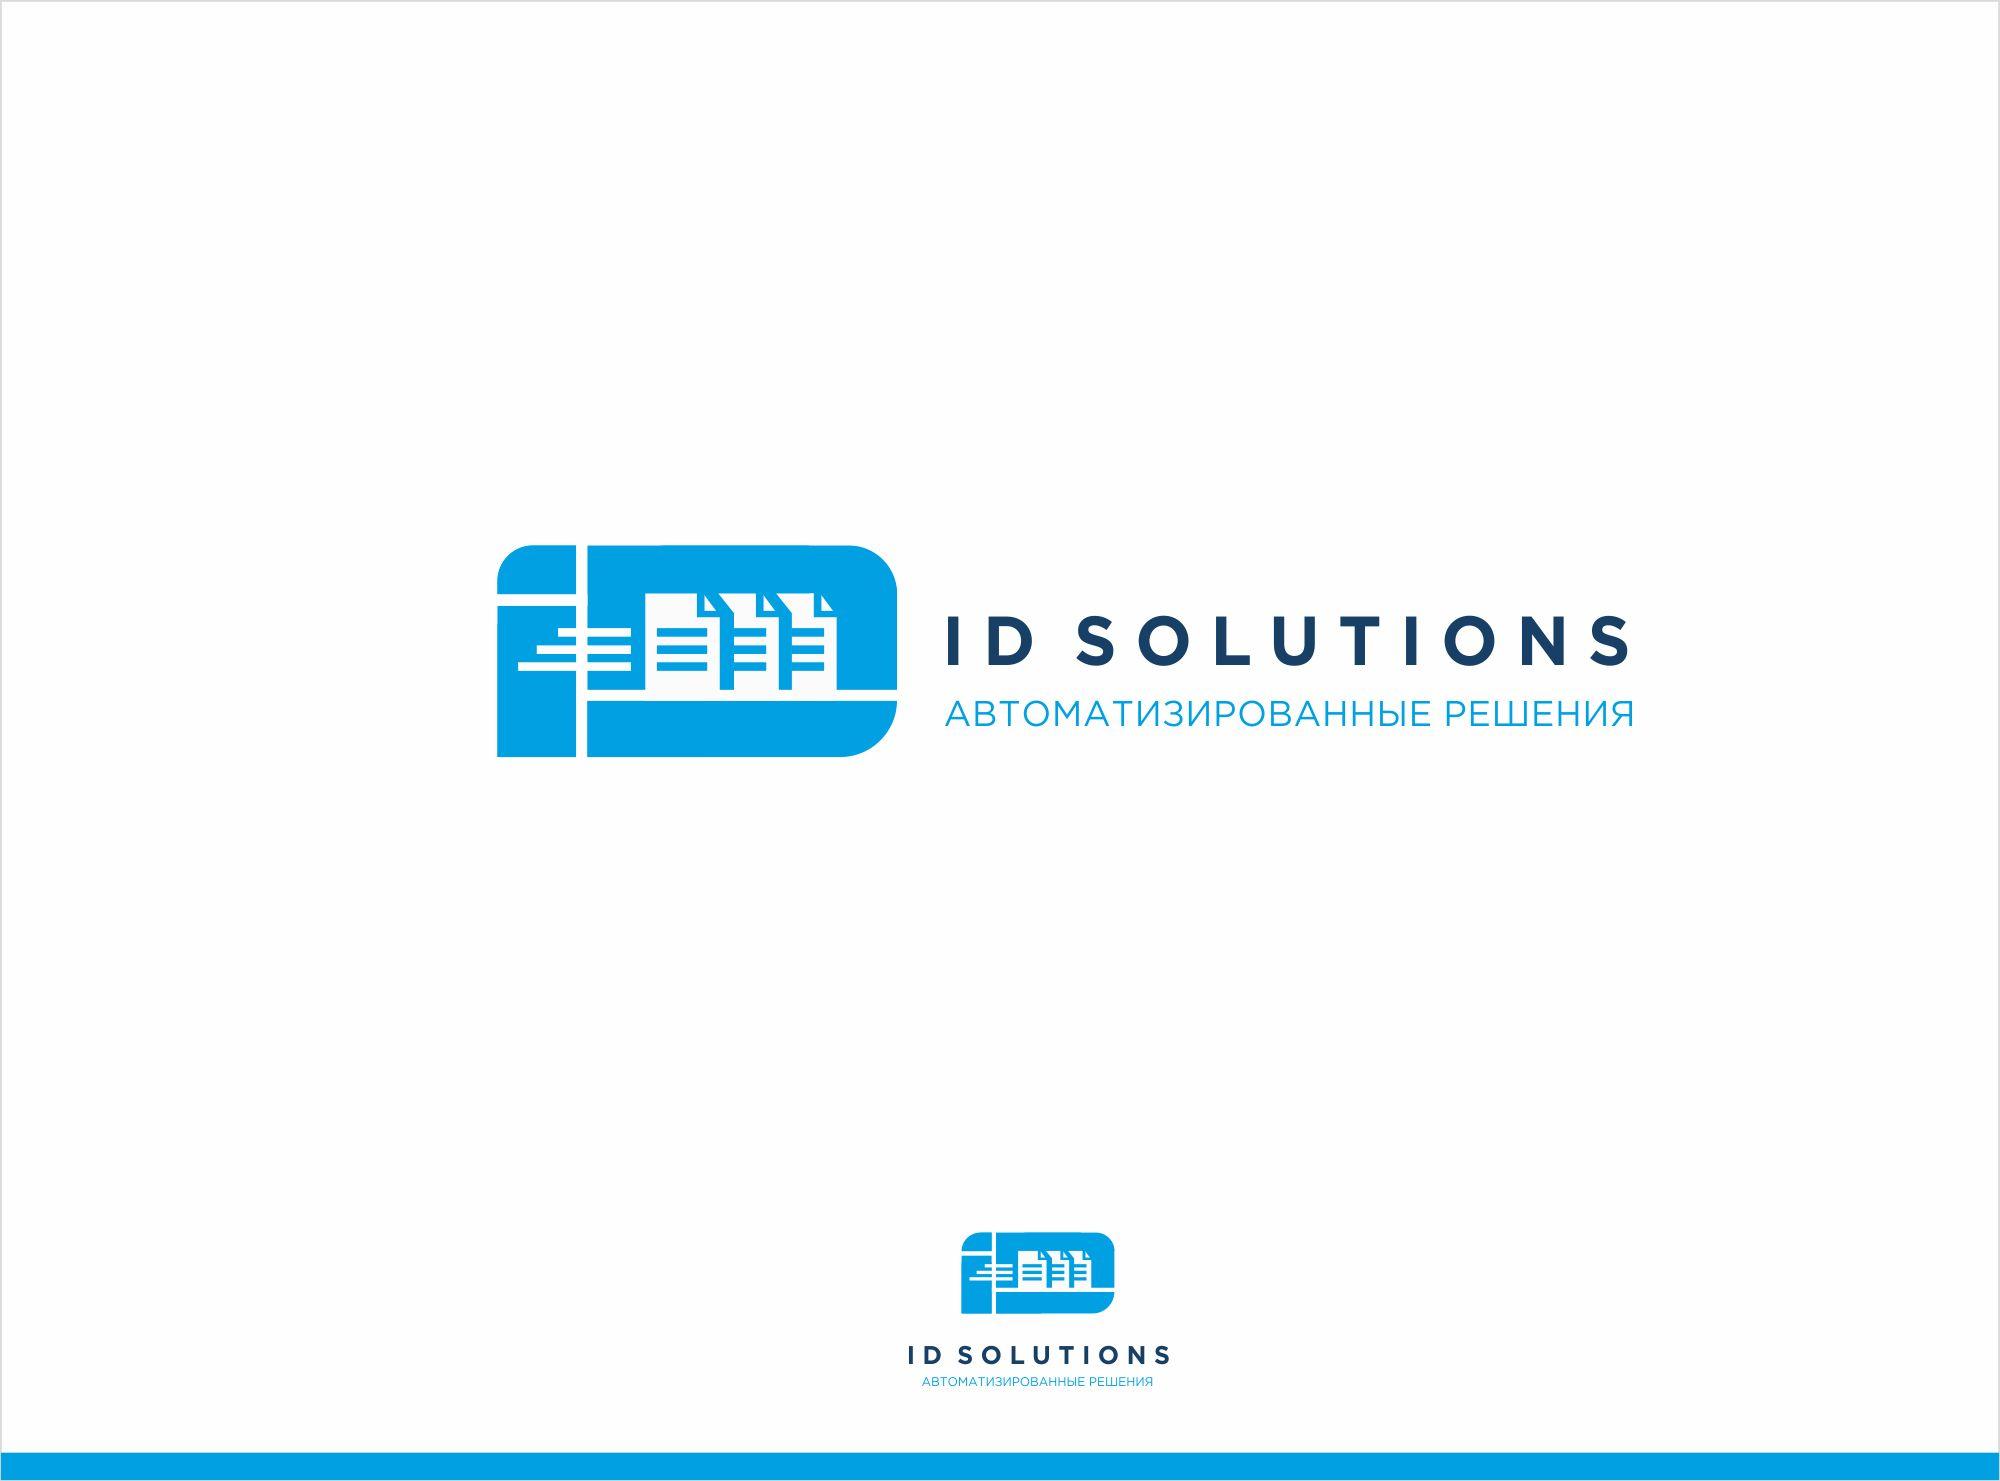 Лого и фирменный стиль для iD Solutions - дизайнер luishamilton